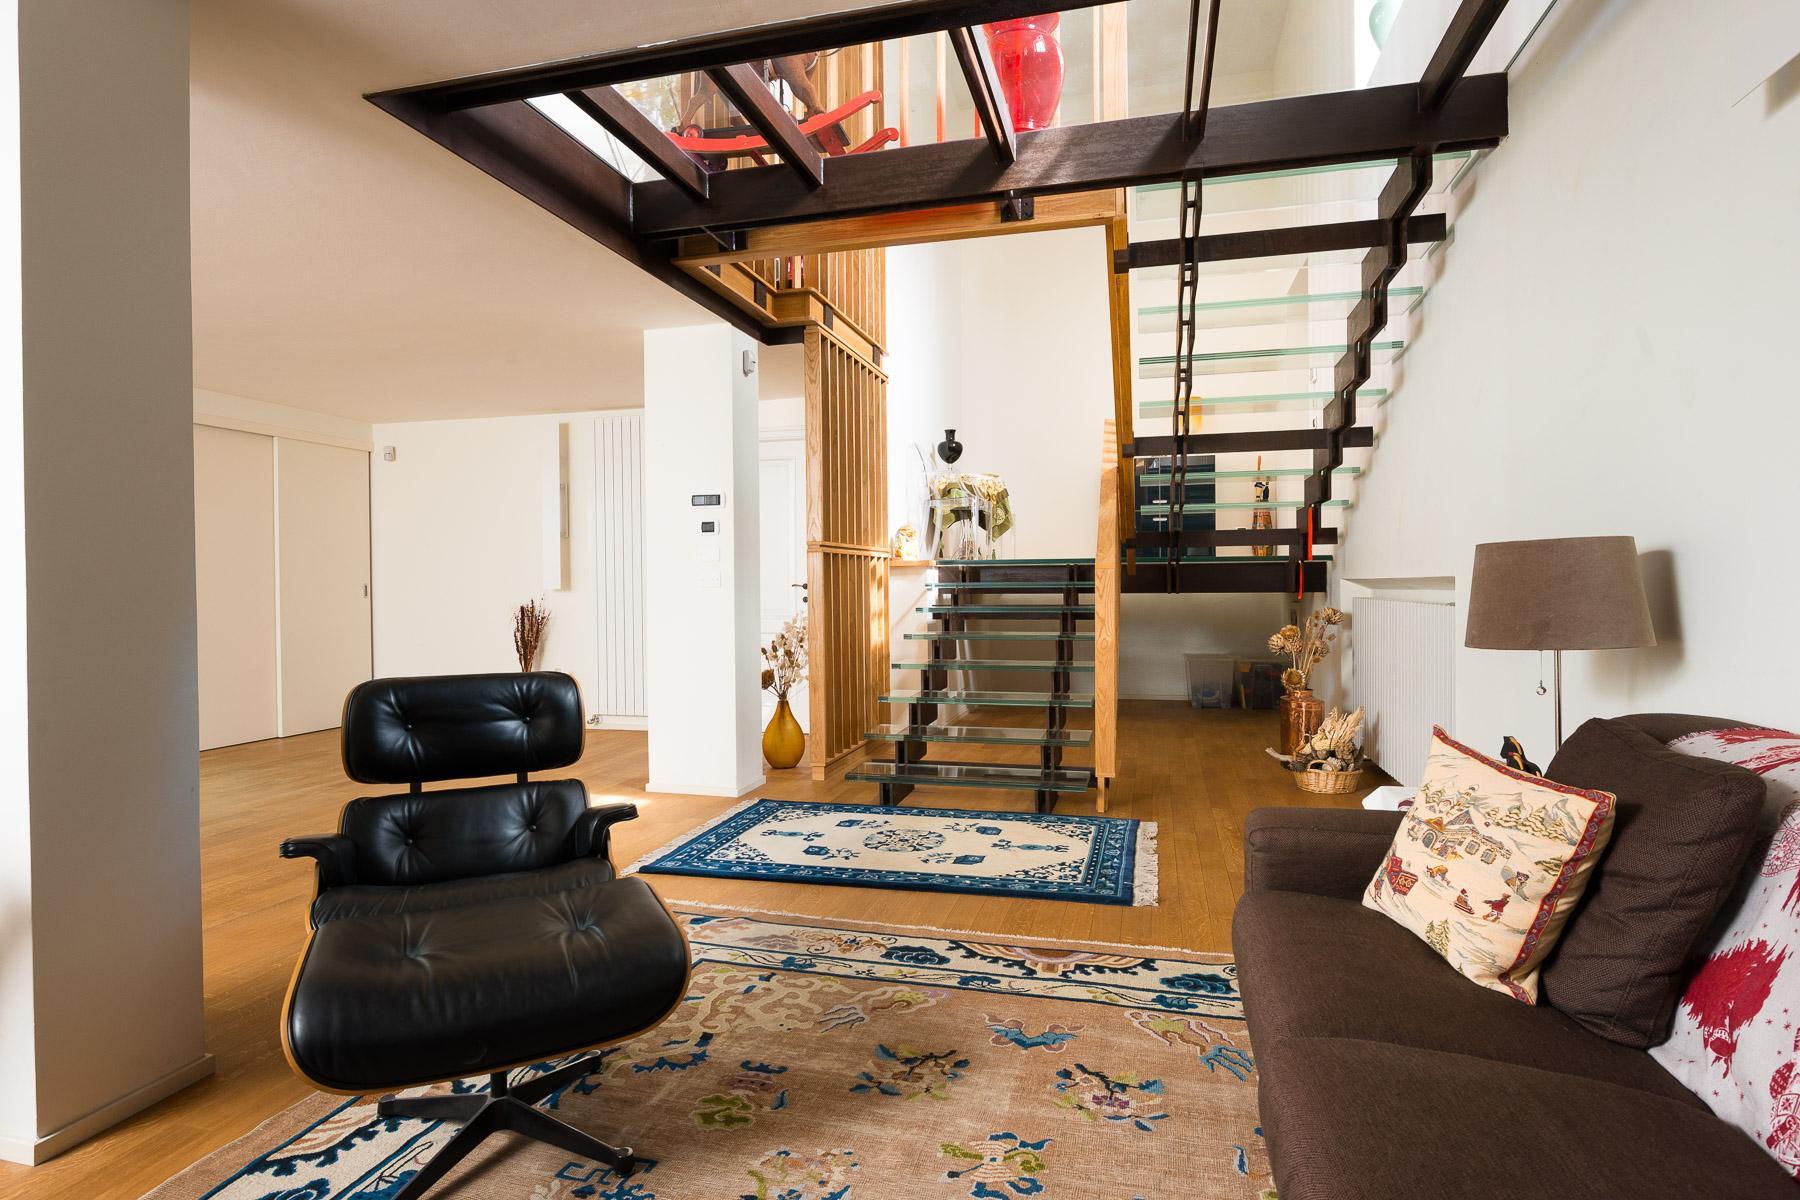 位于d'epoca a Chieri小镇历史悠久别墅内的奢华公寓 - 6